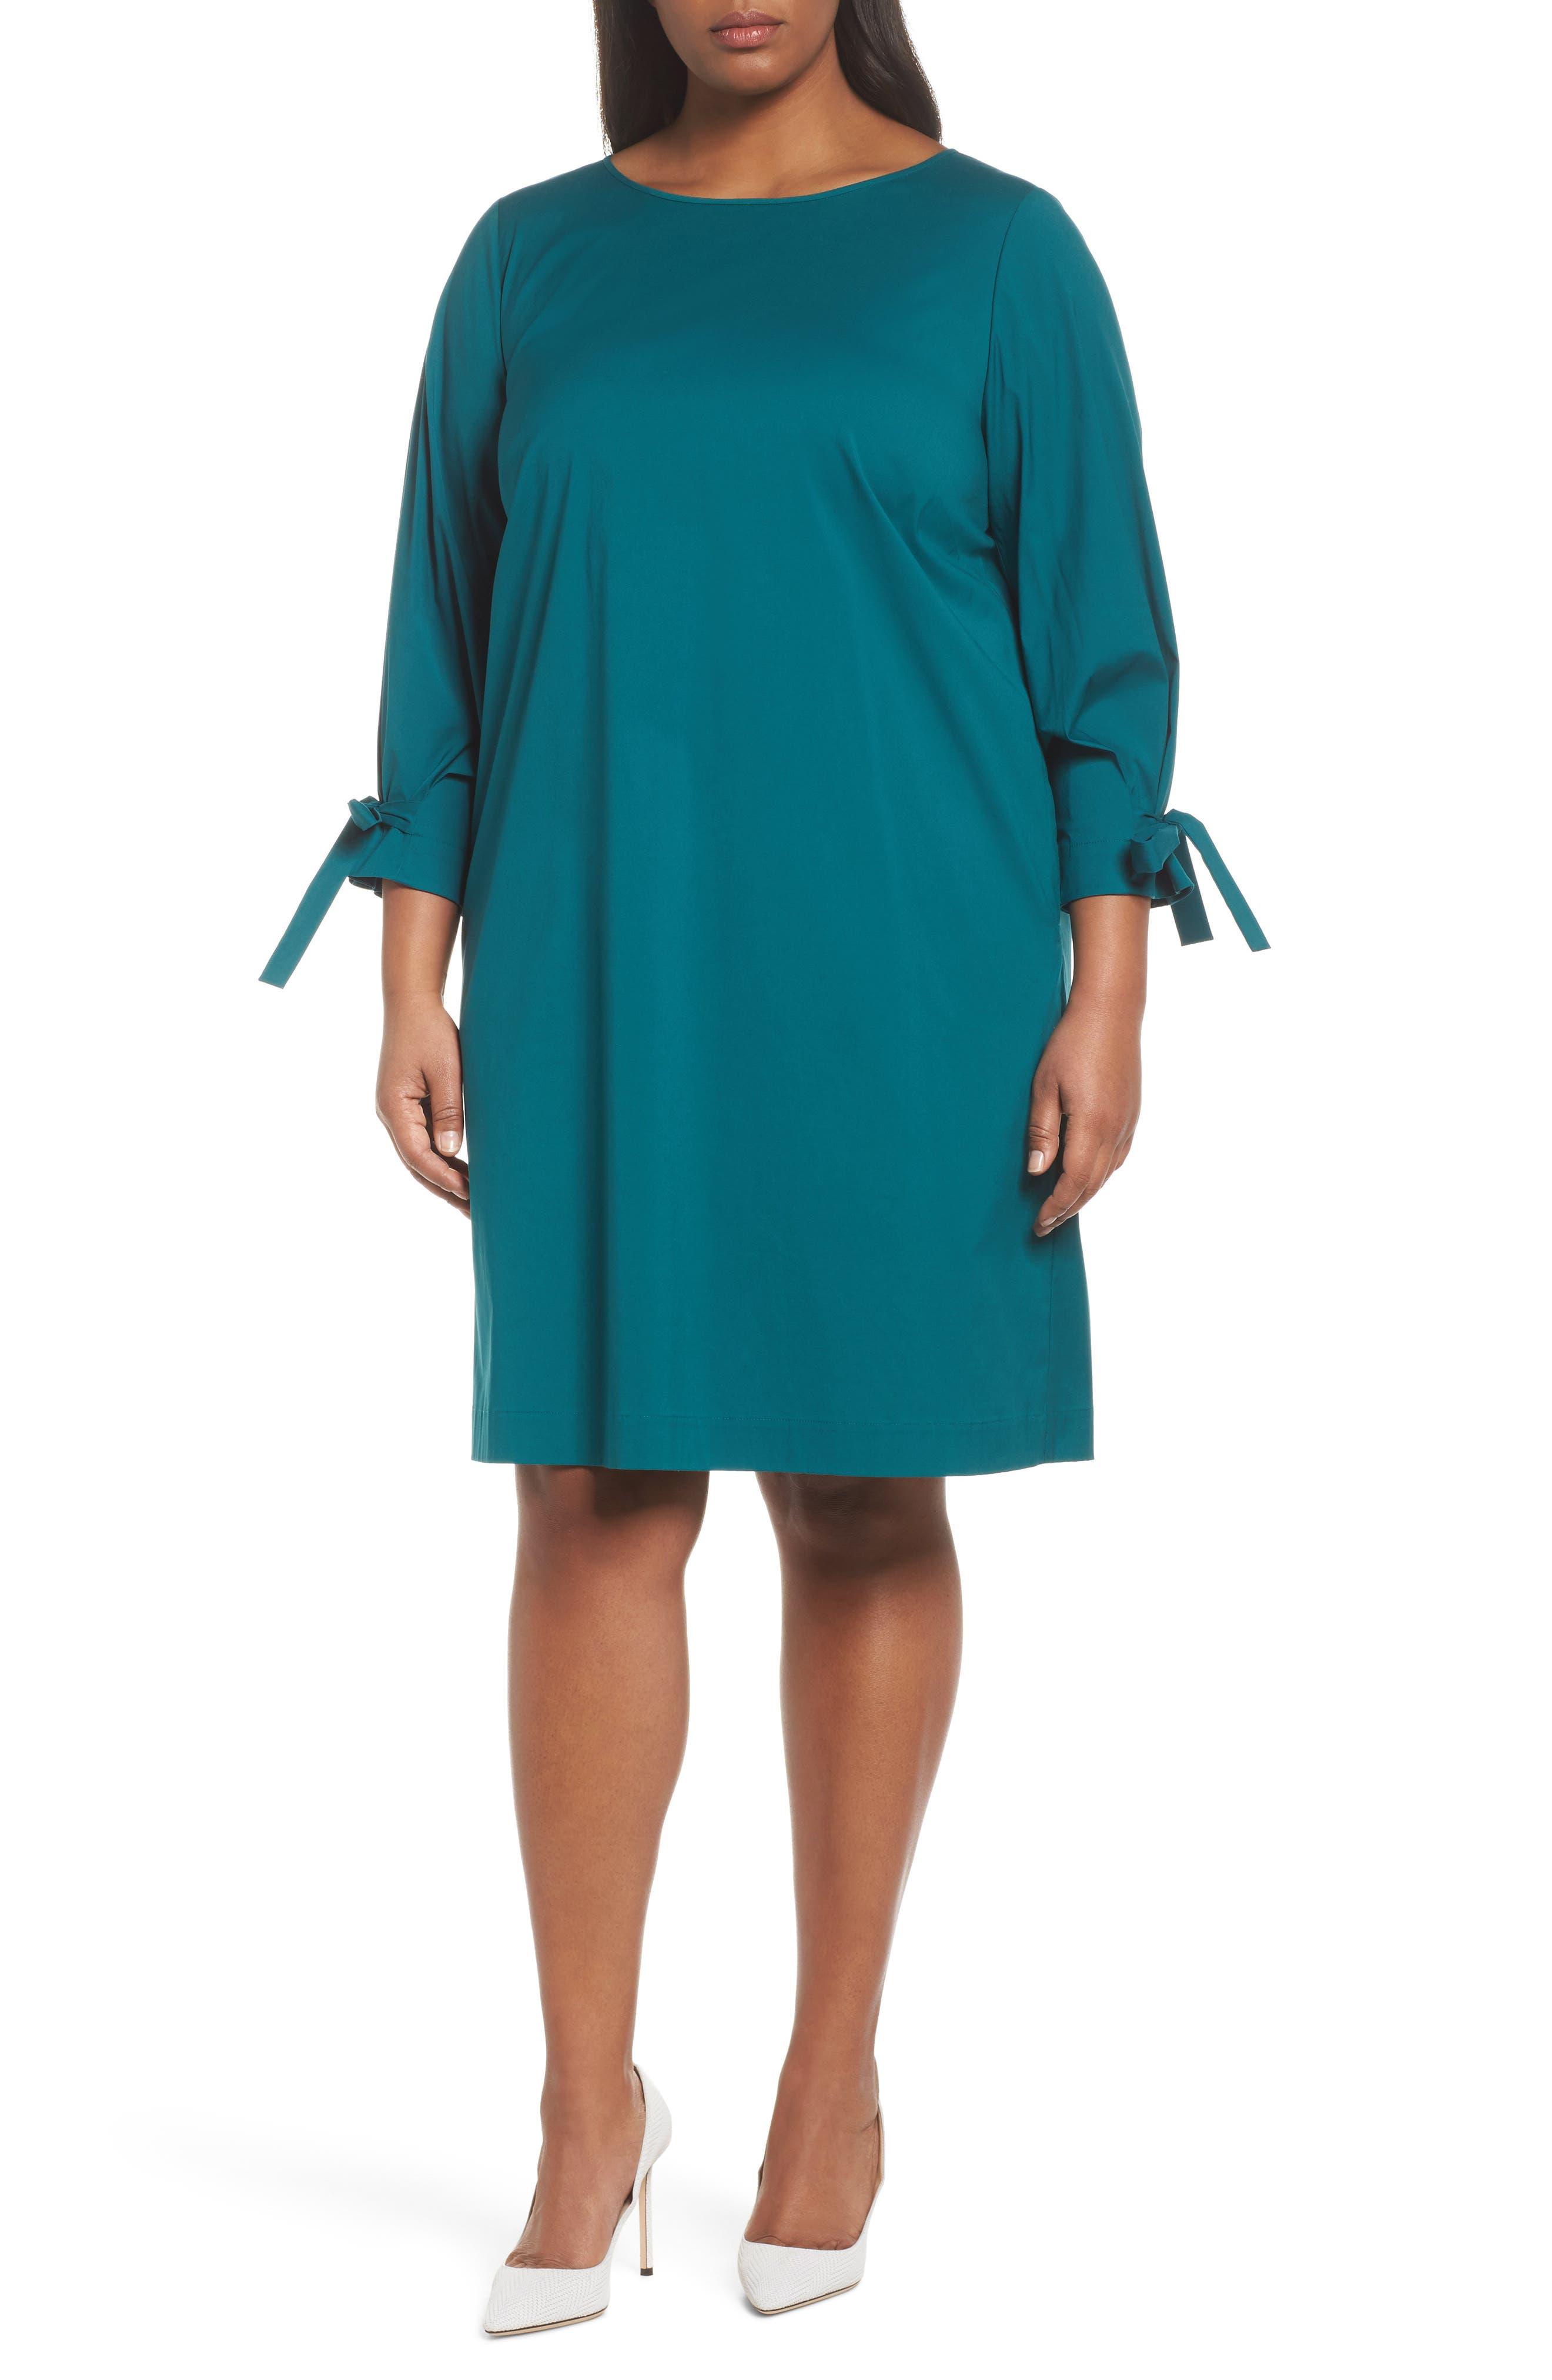 Paige Shift Dress,                         Main,                         color, Atlantic Teal